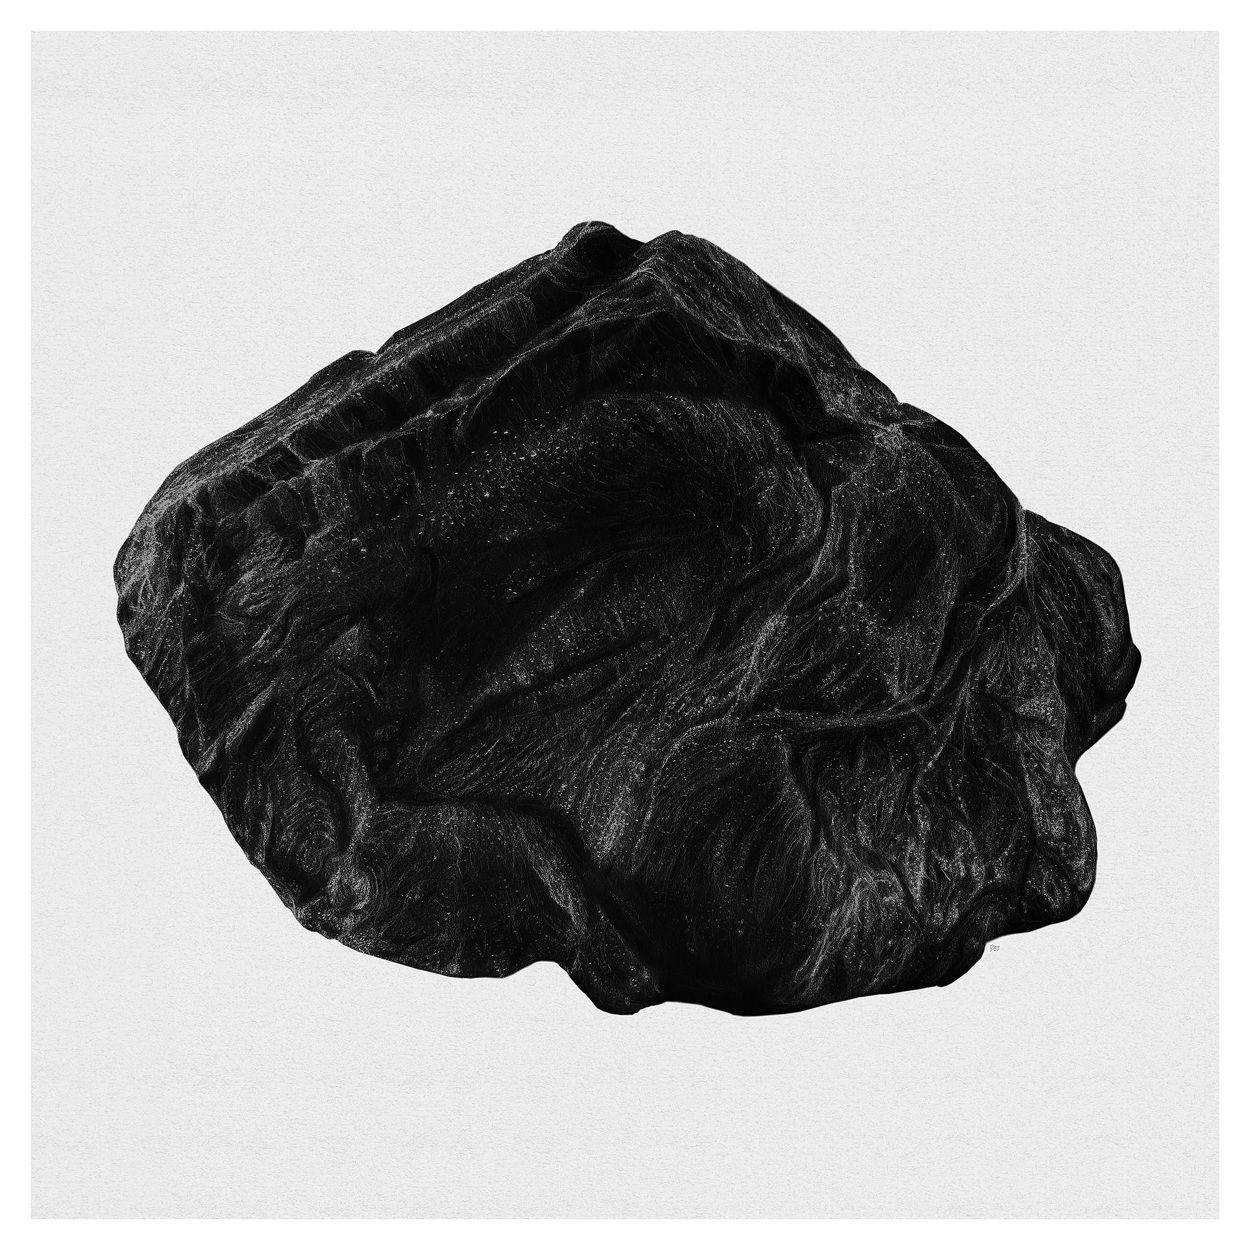 Rocks. Pencil drawing 70x70cm. by Børge Bredenbekk Art